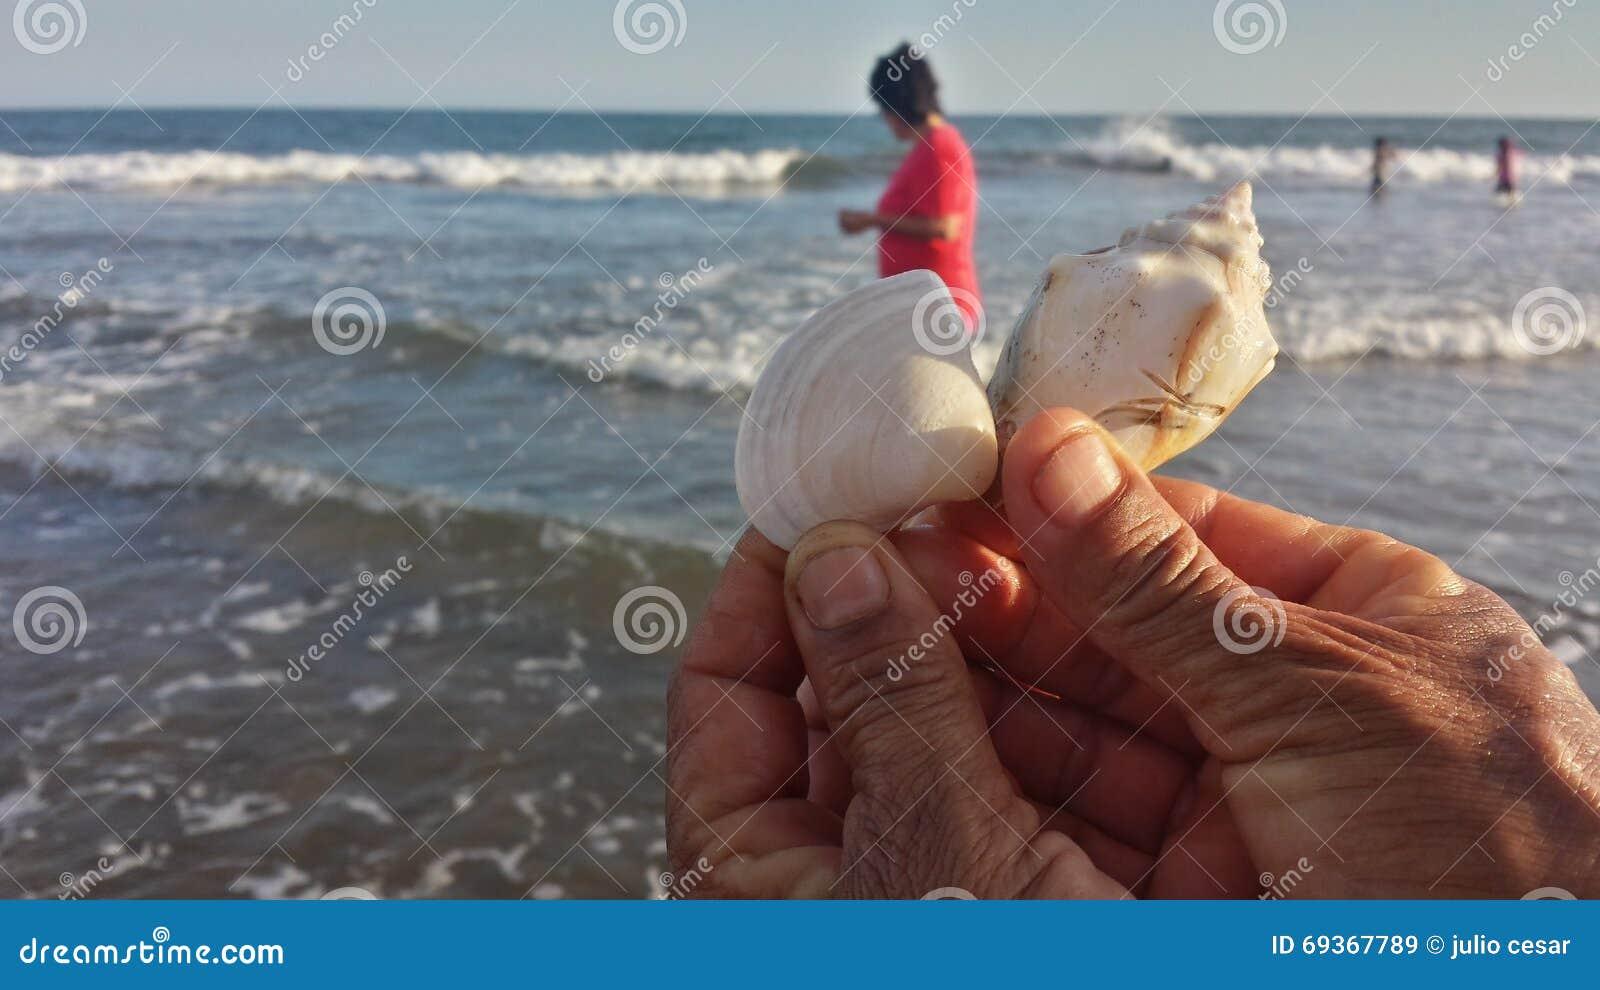 Caracol en la playa